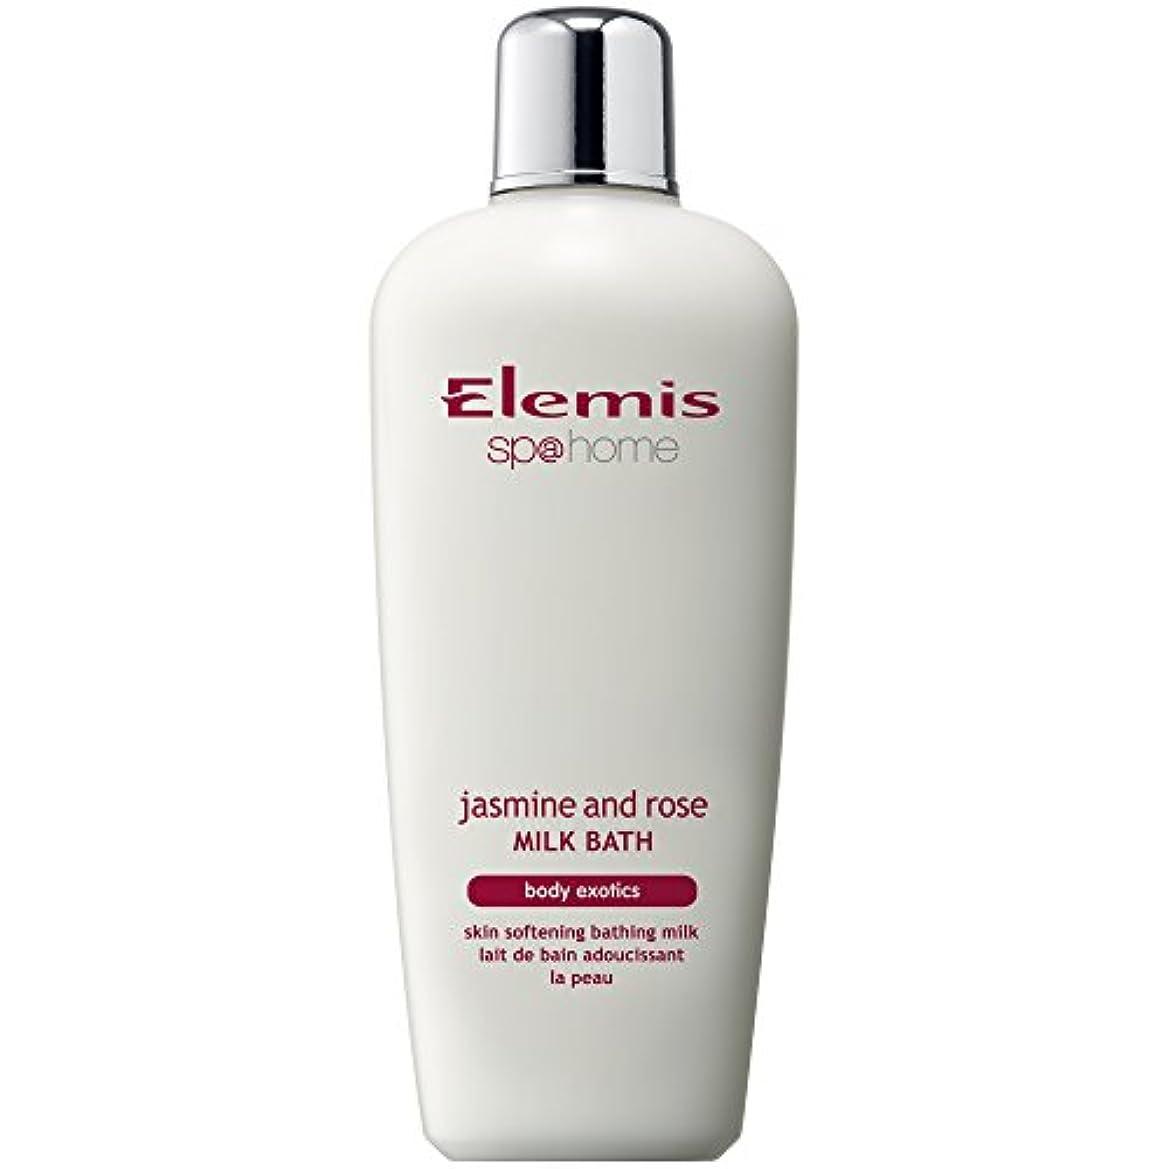 緊急メンタル記憶エレミスのジャスミン、ローズミルクバスの400ミリリットル (Elemis) - Elemis Jasmine And Rose Milk Bath 400ml [並行輸入品]